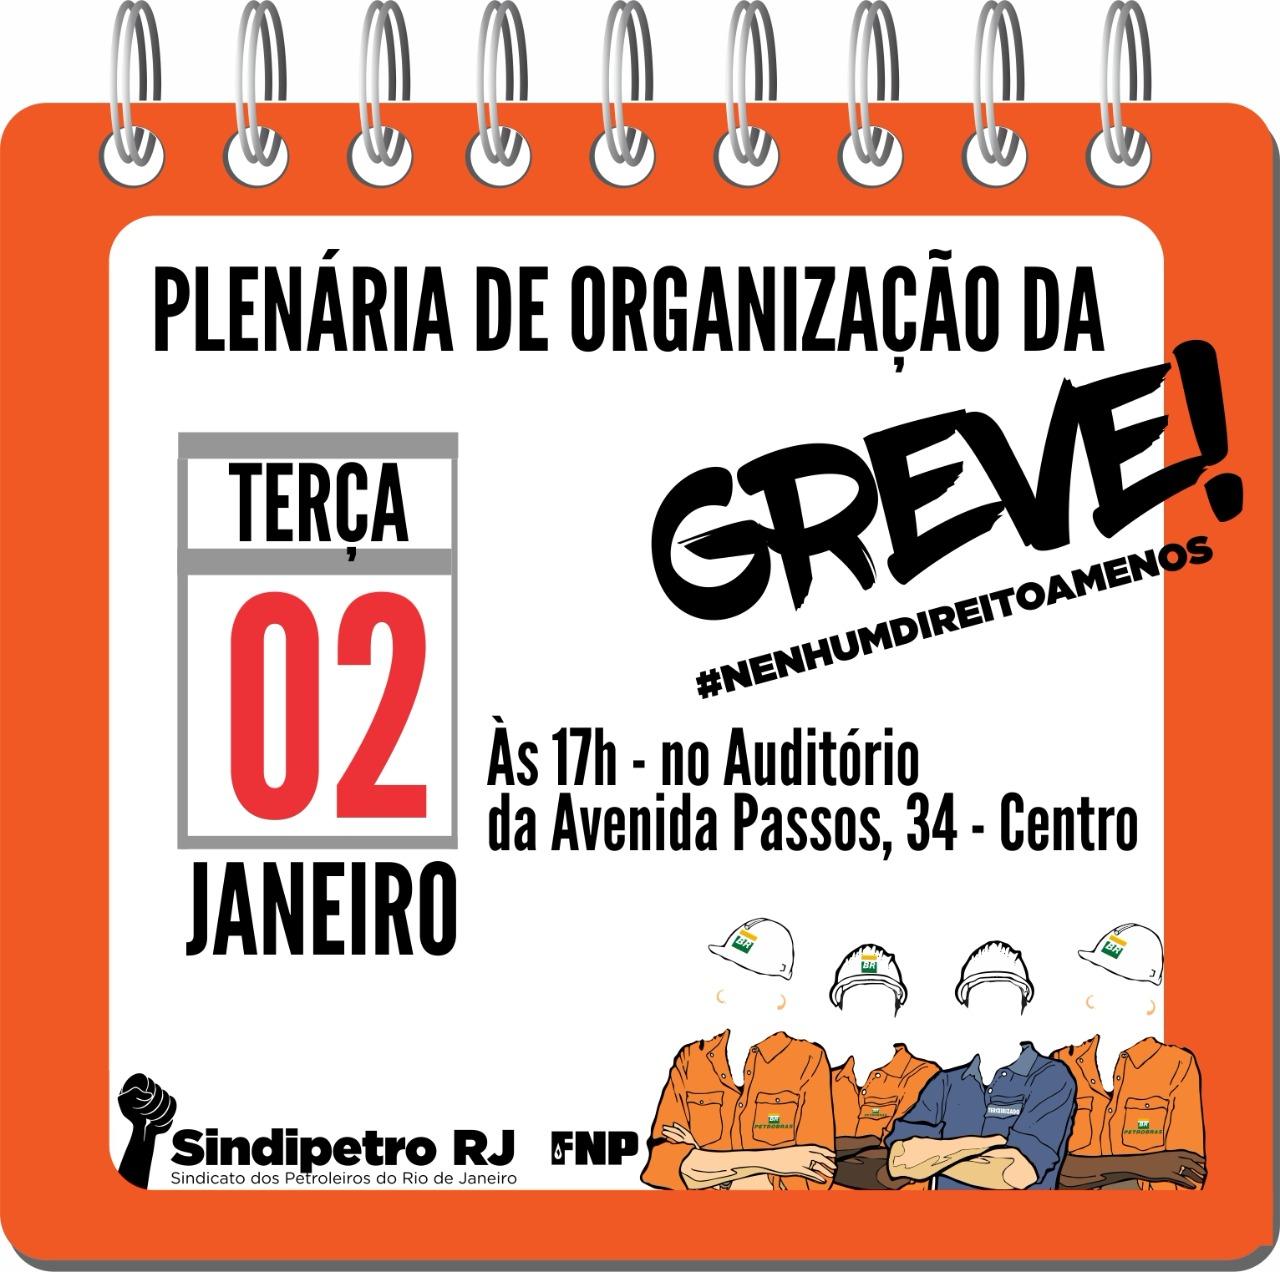 Todos à plenária de hoje (2/1), no Sindipetro-RJ, para organizar a greve cartaz